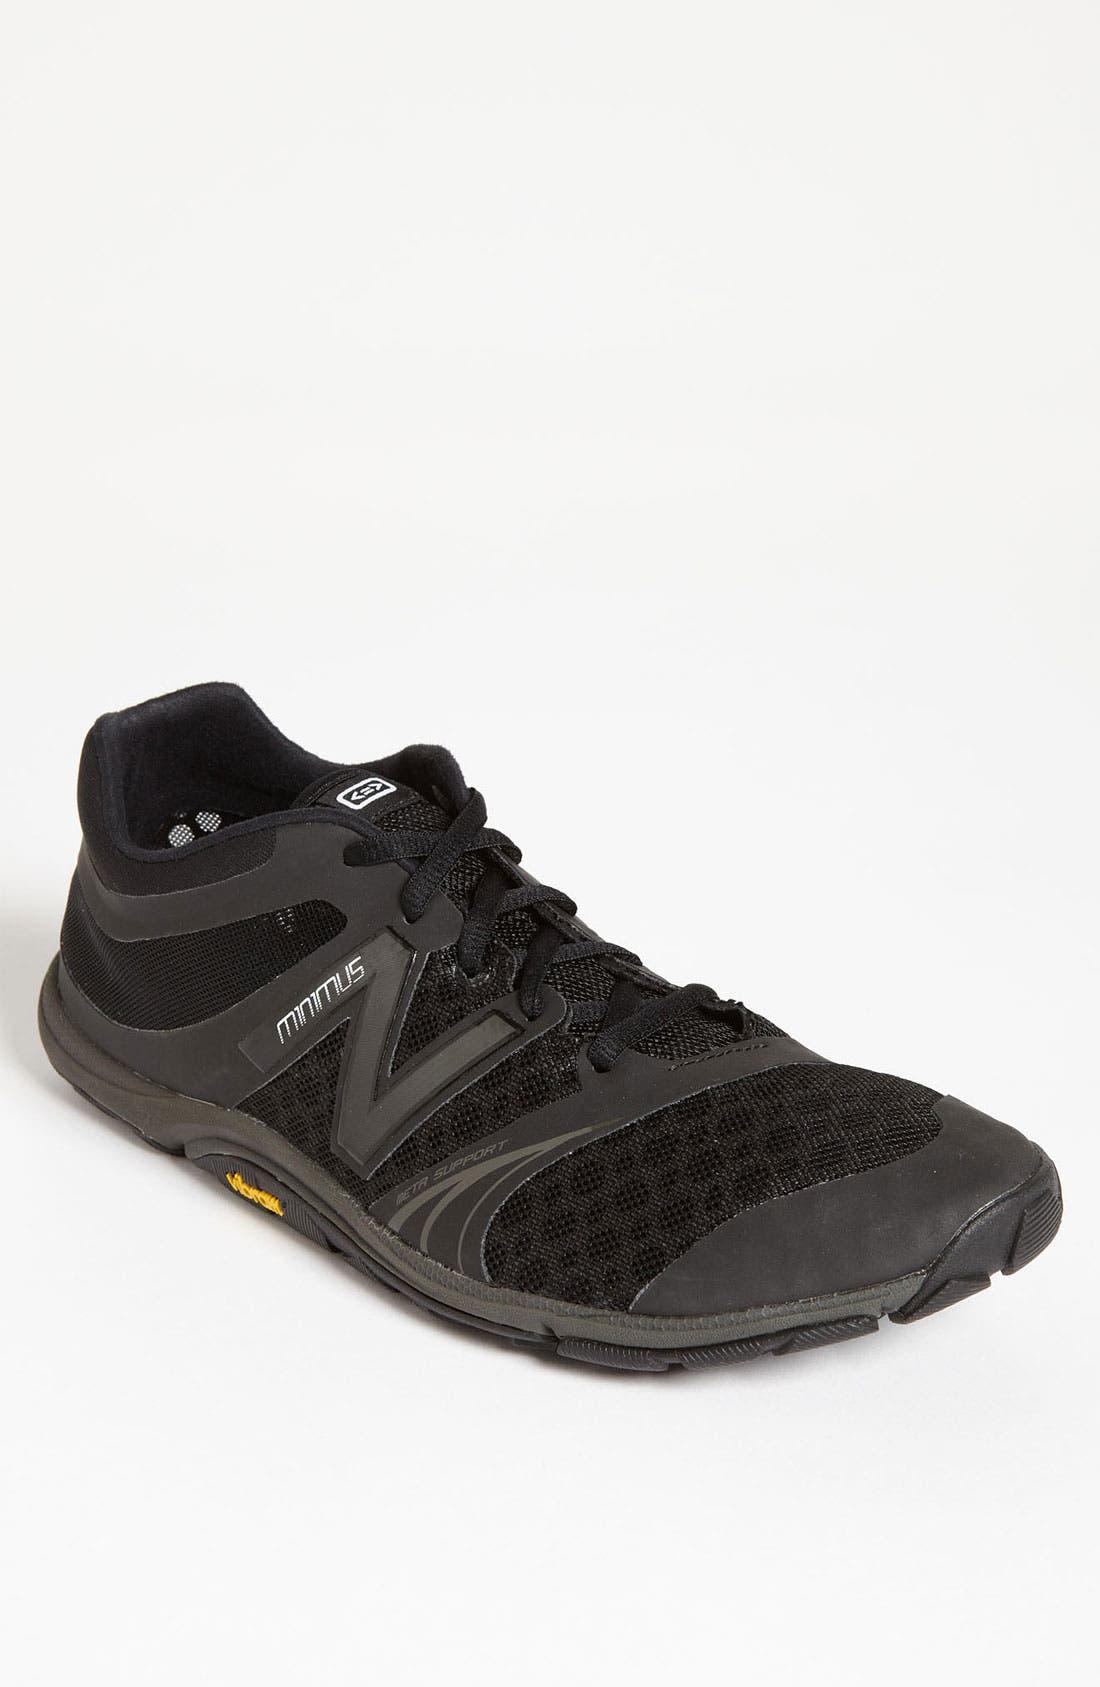 Alternate Image 1 Selected - New Balance 'Minimus 20v3' Training Shoe (Men)